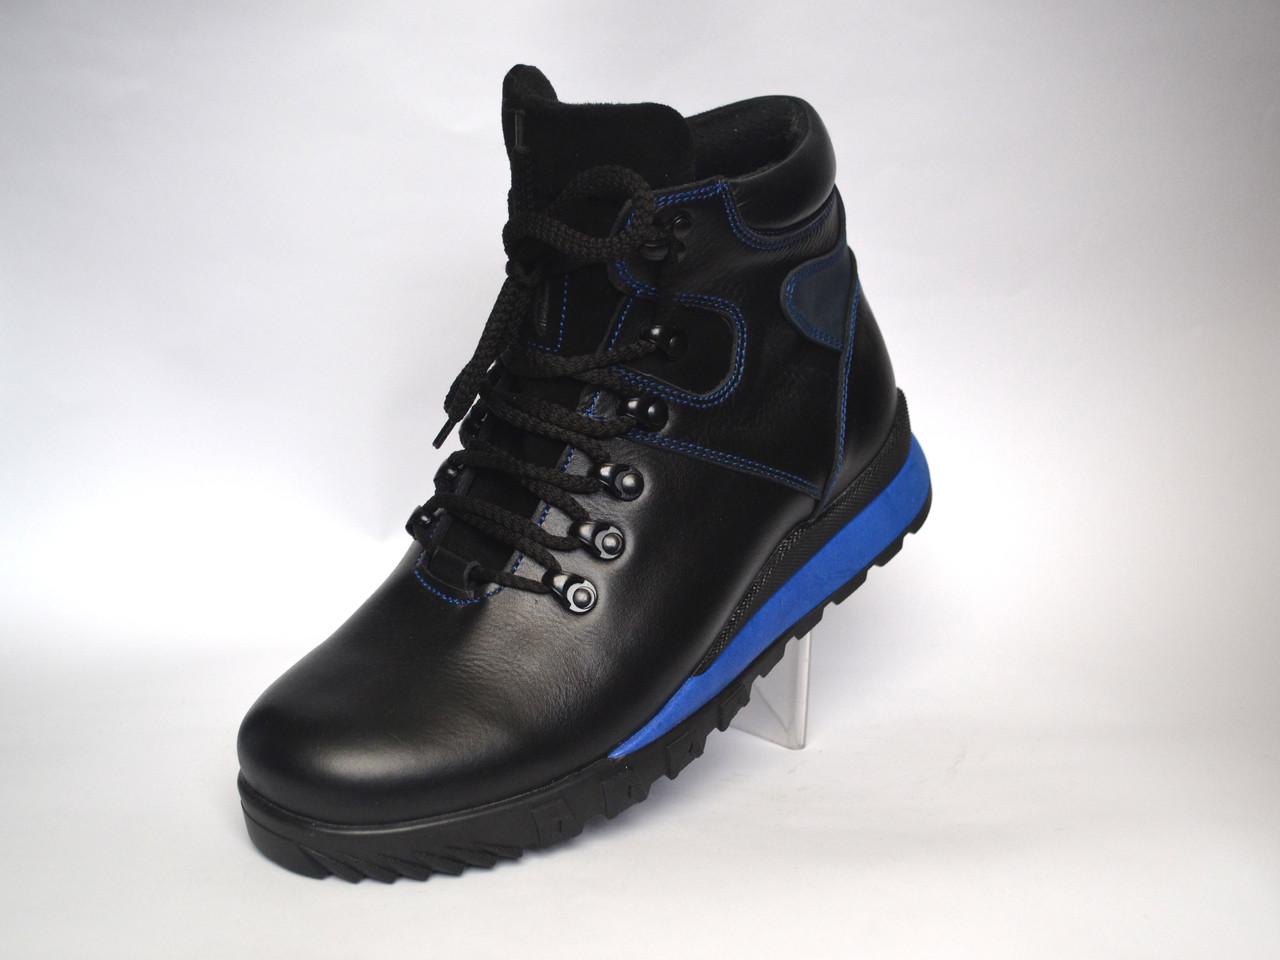 Кожаные зимние кроссовки сникерсы ботинки Rosso Avangard. Thimbo черные